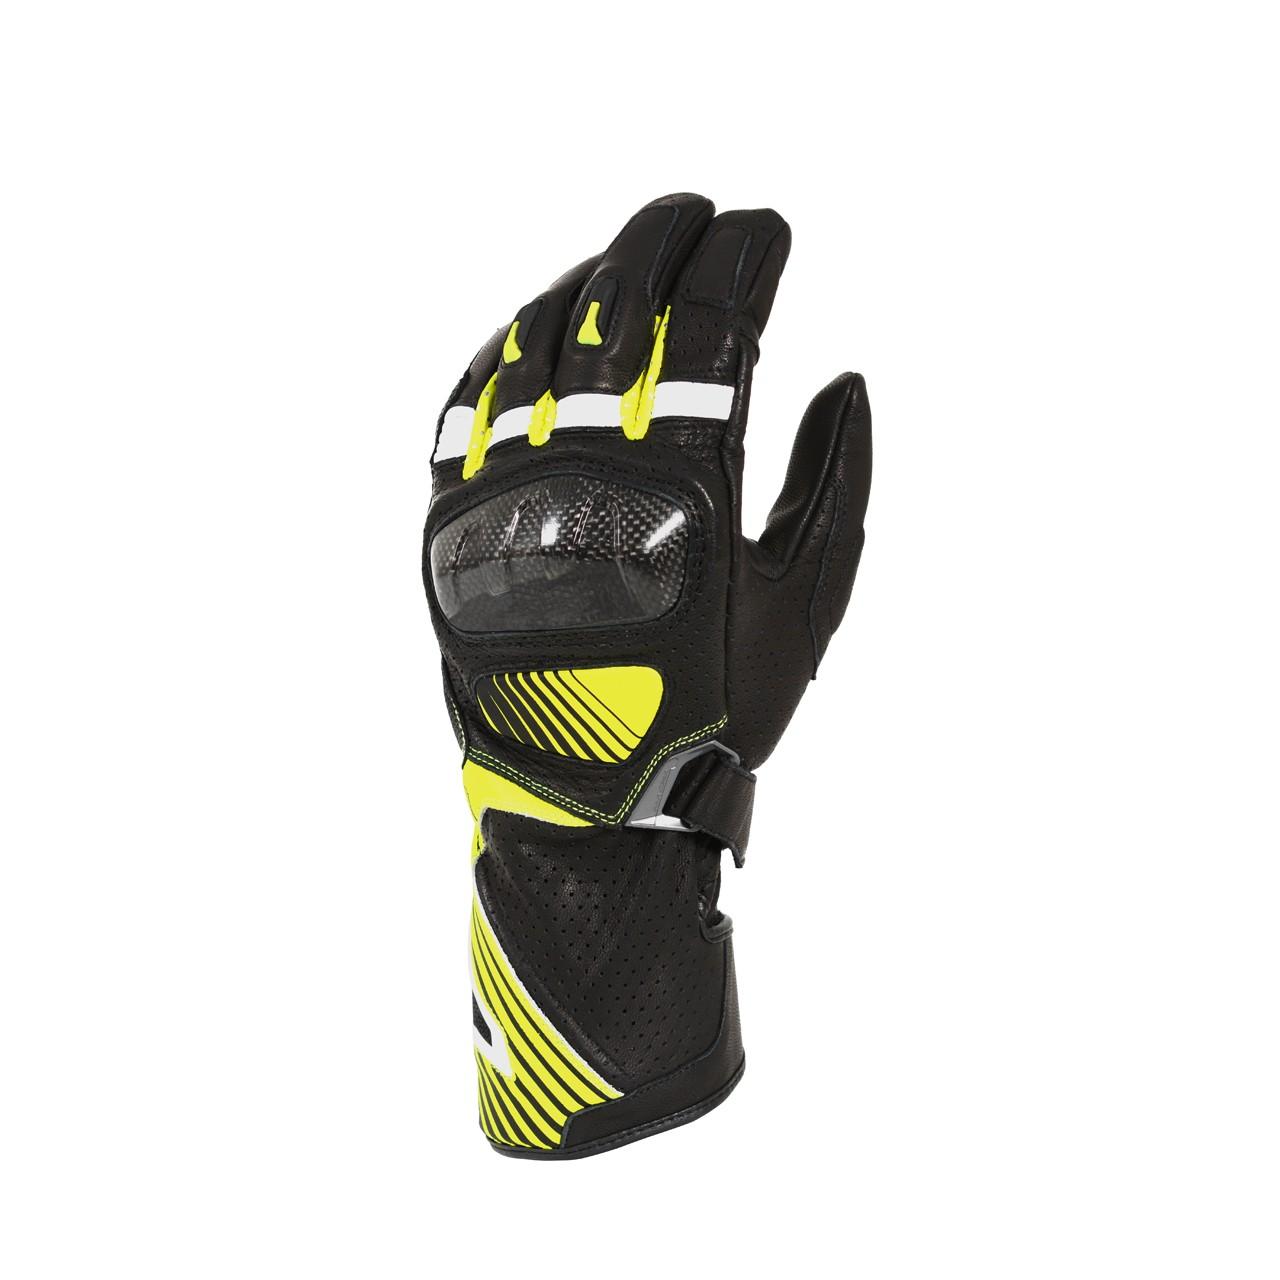 Pirštinės MACNA Airpack (Black/Fluo yellow)